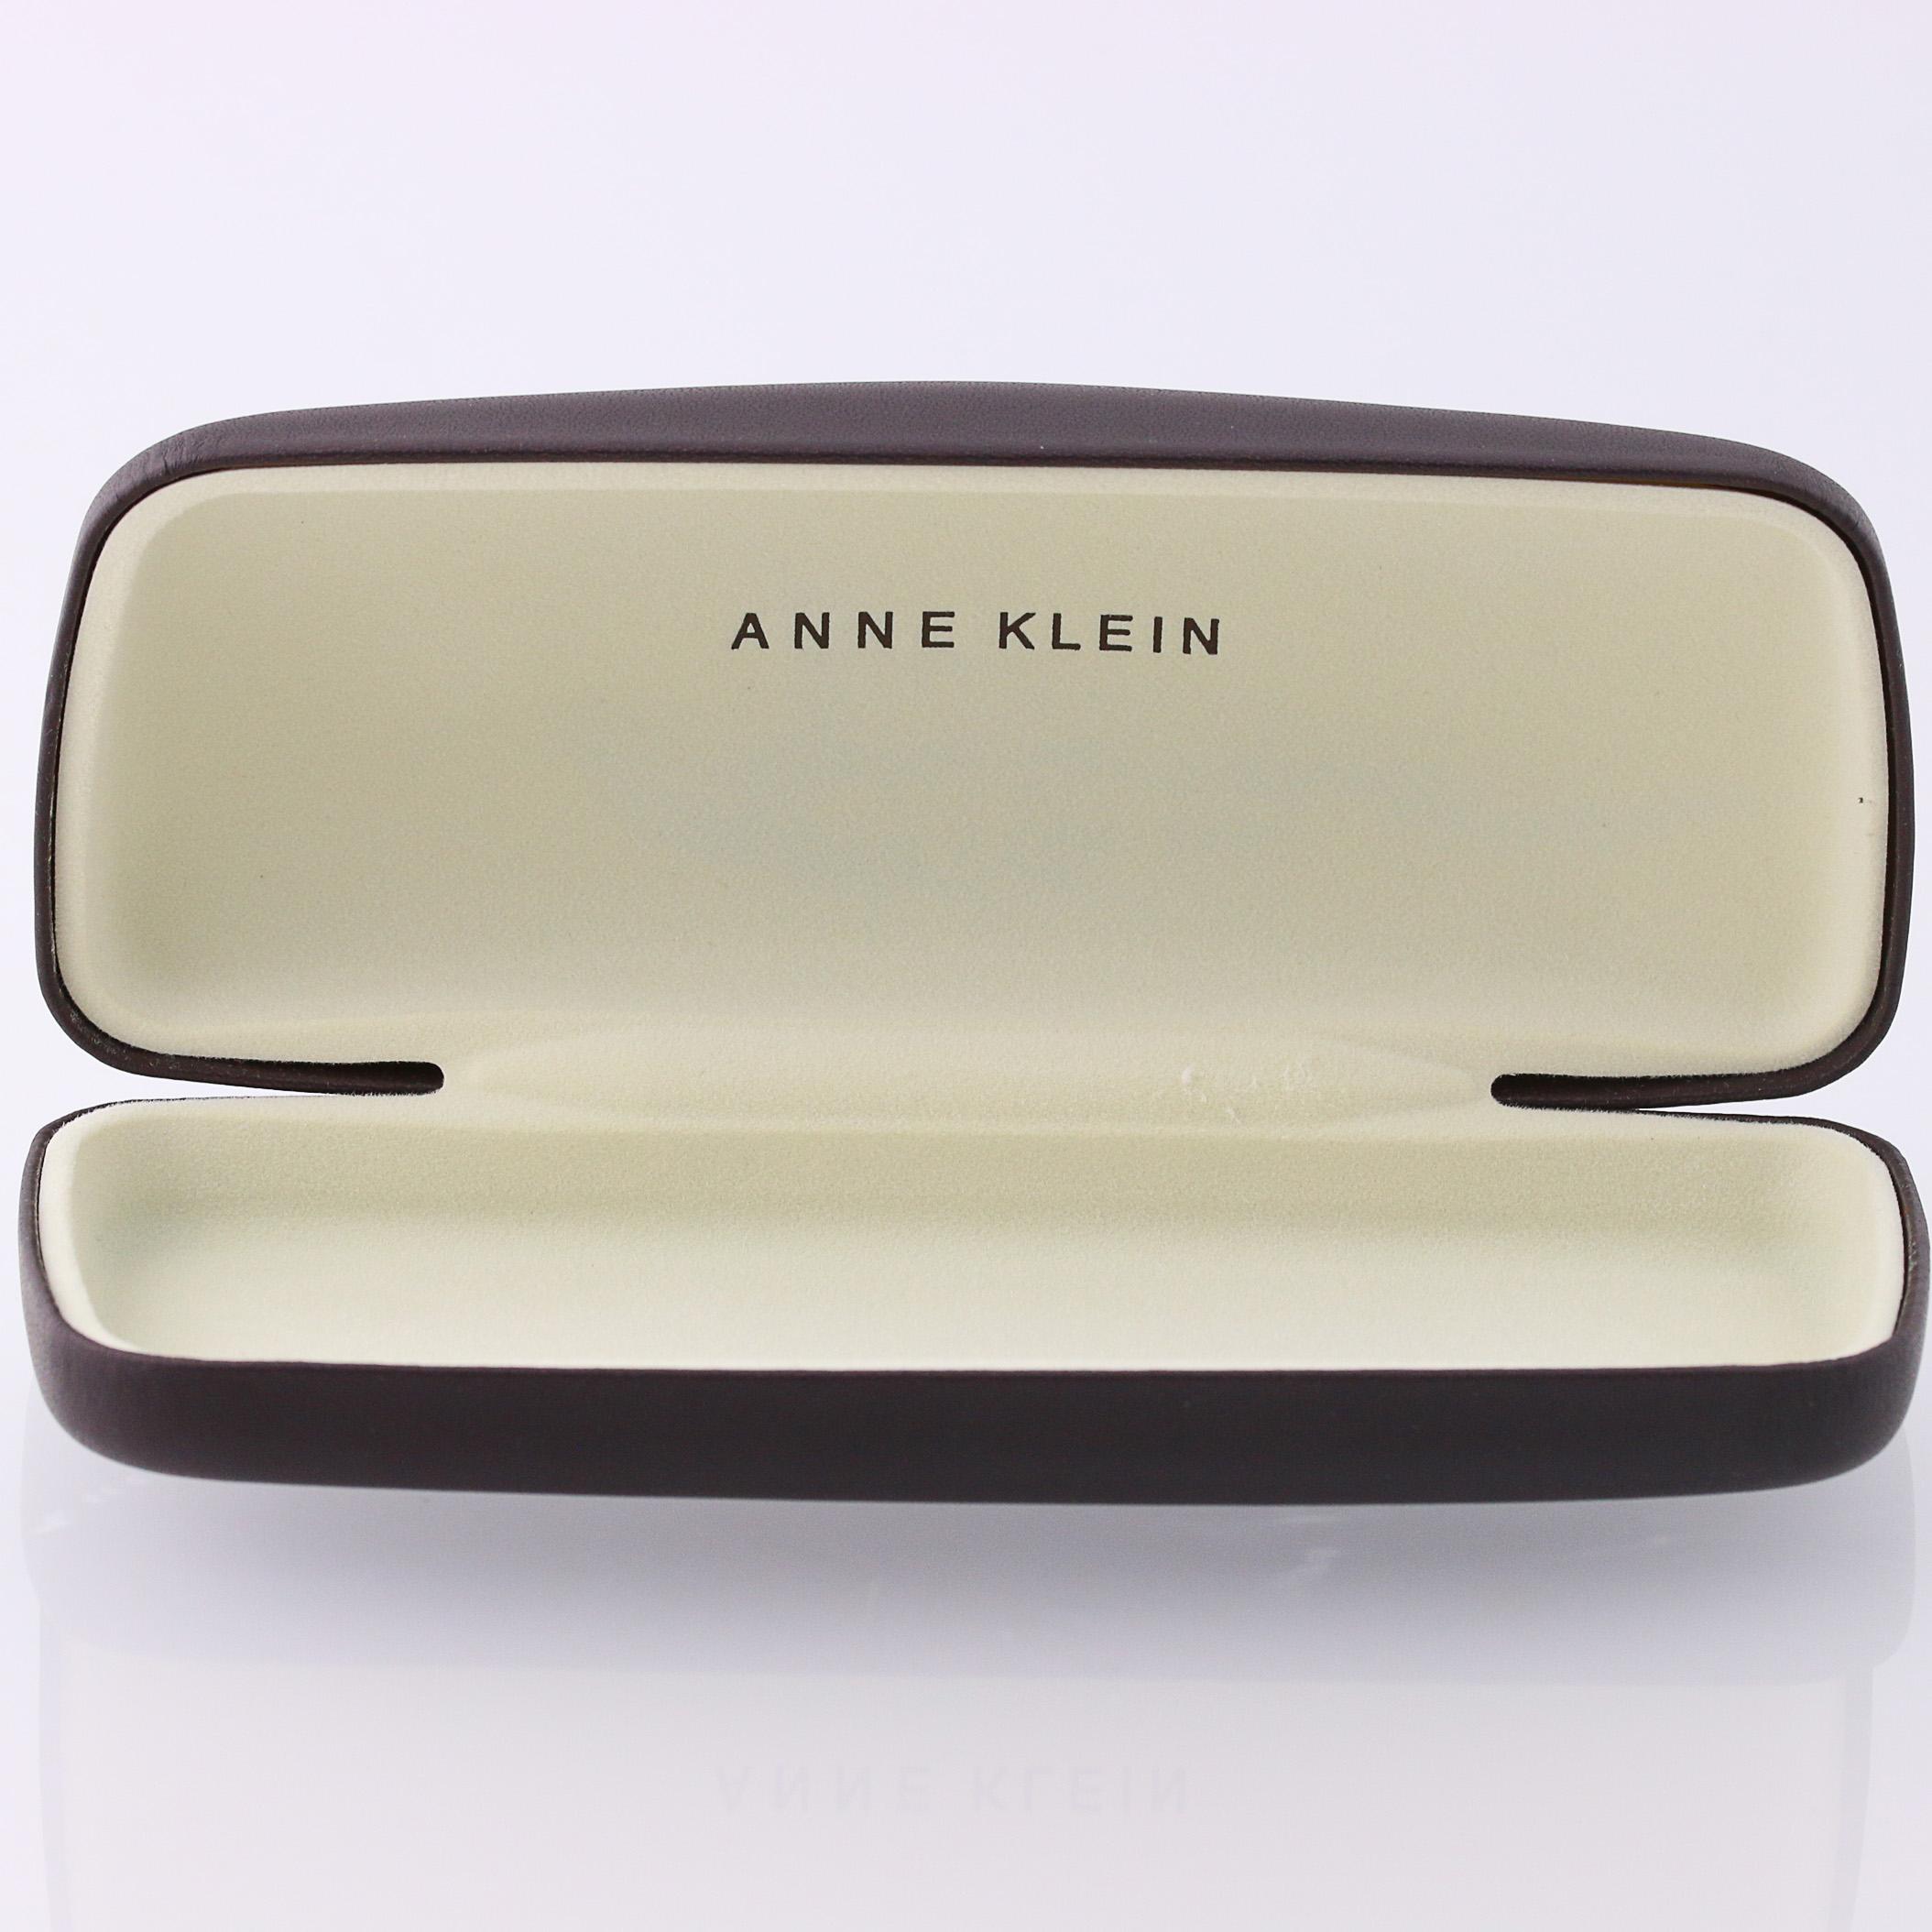 Cream Hinged Hard Details Designer Lion Klein Eyewear Sunglasses Brown Holder Case About Anne SVqUMpzGjL